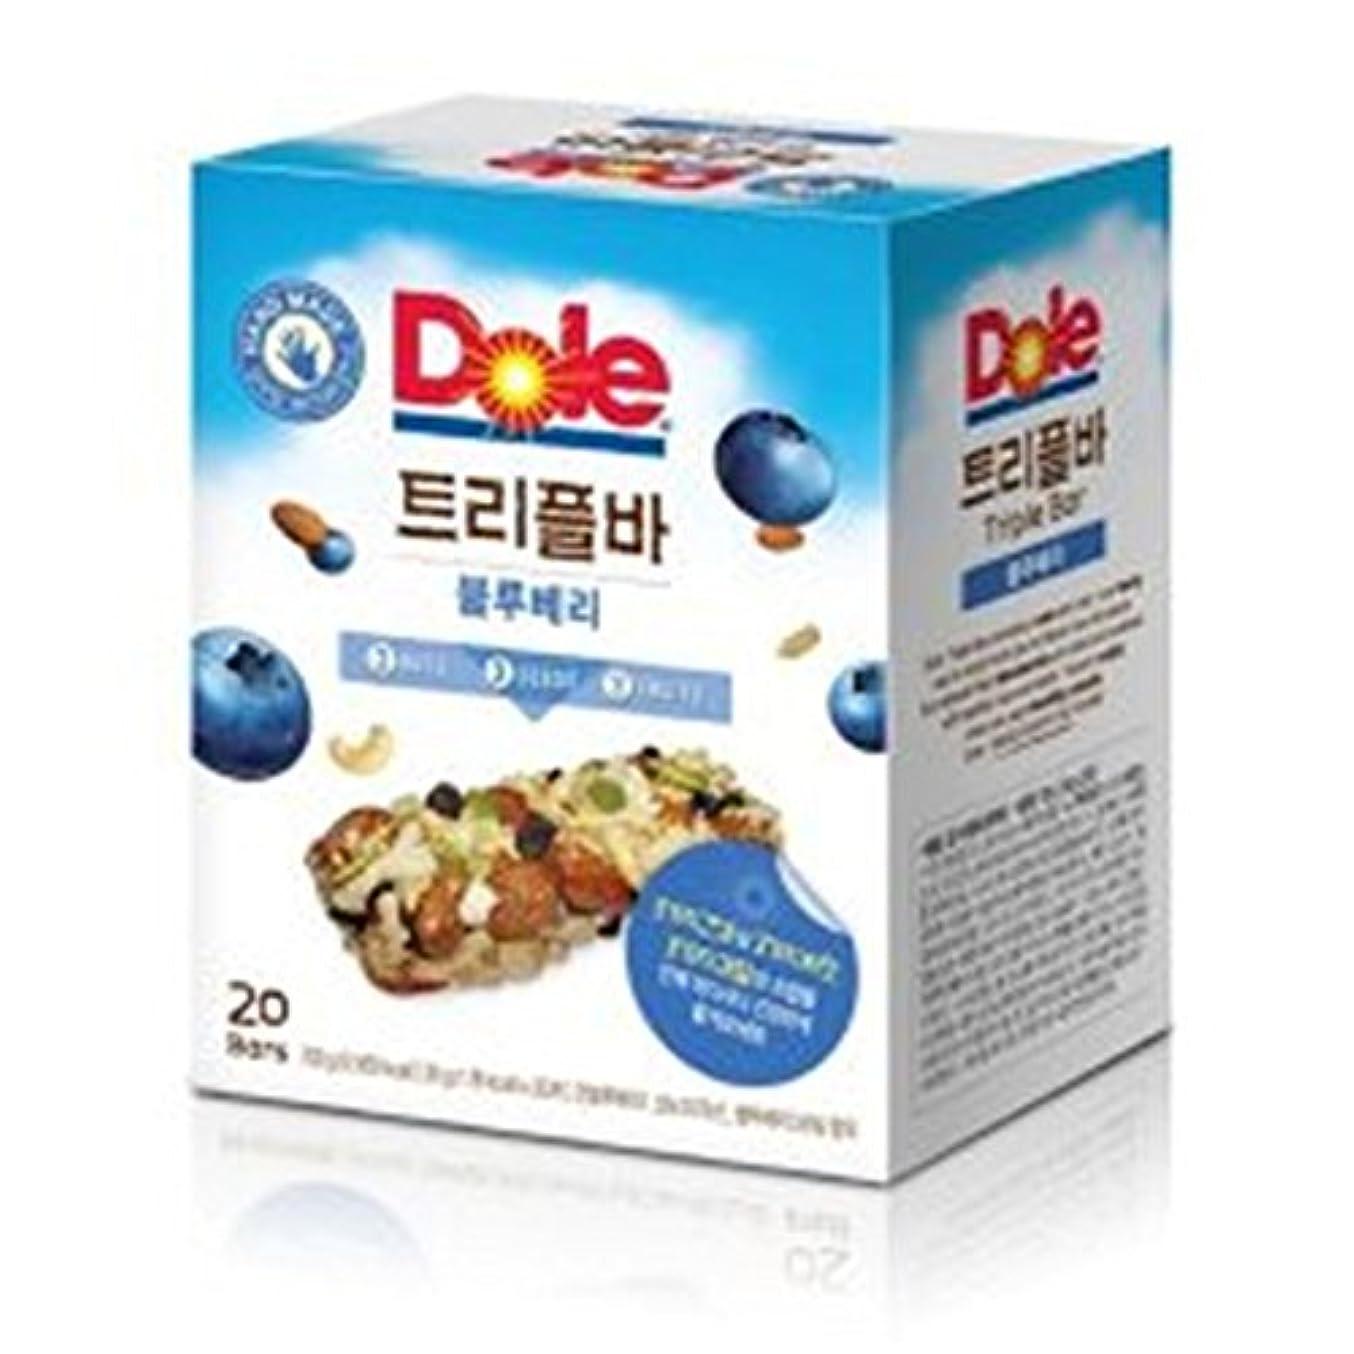 シチリア着替える商品[ドール/Dole] Dole Triple Barドールトリプルバーブルーベリー35g x20個/3つのナットと3つのフルーツ、3つの種子で作成は栄養がたっぷり詰まったDiet Bar穀物バー/シリアル/栄養バー[健康...